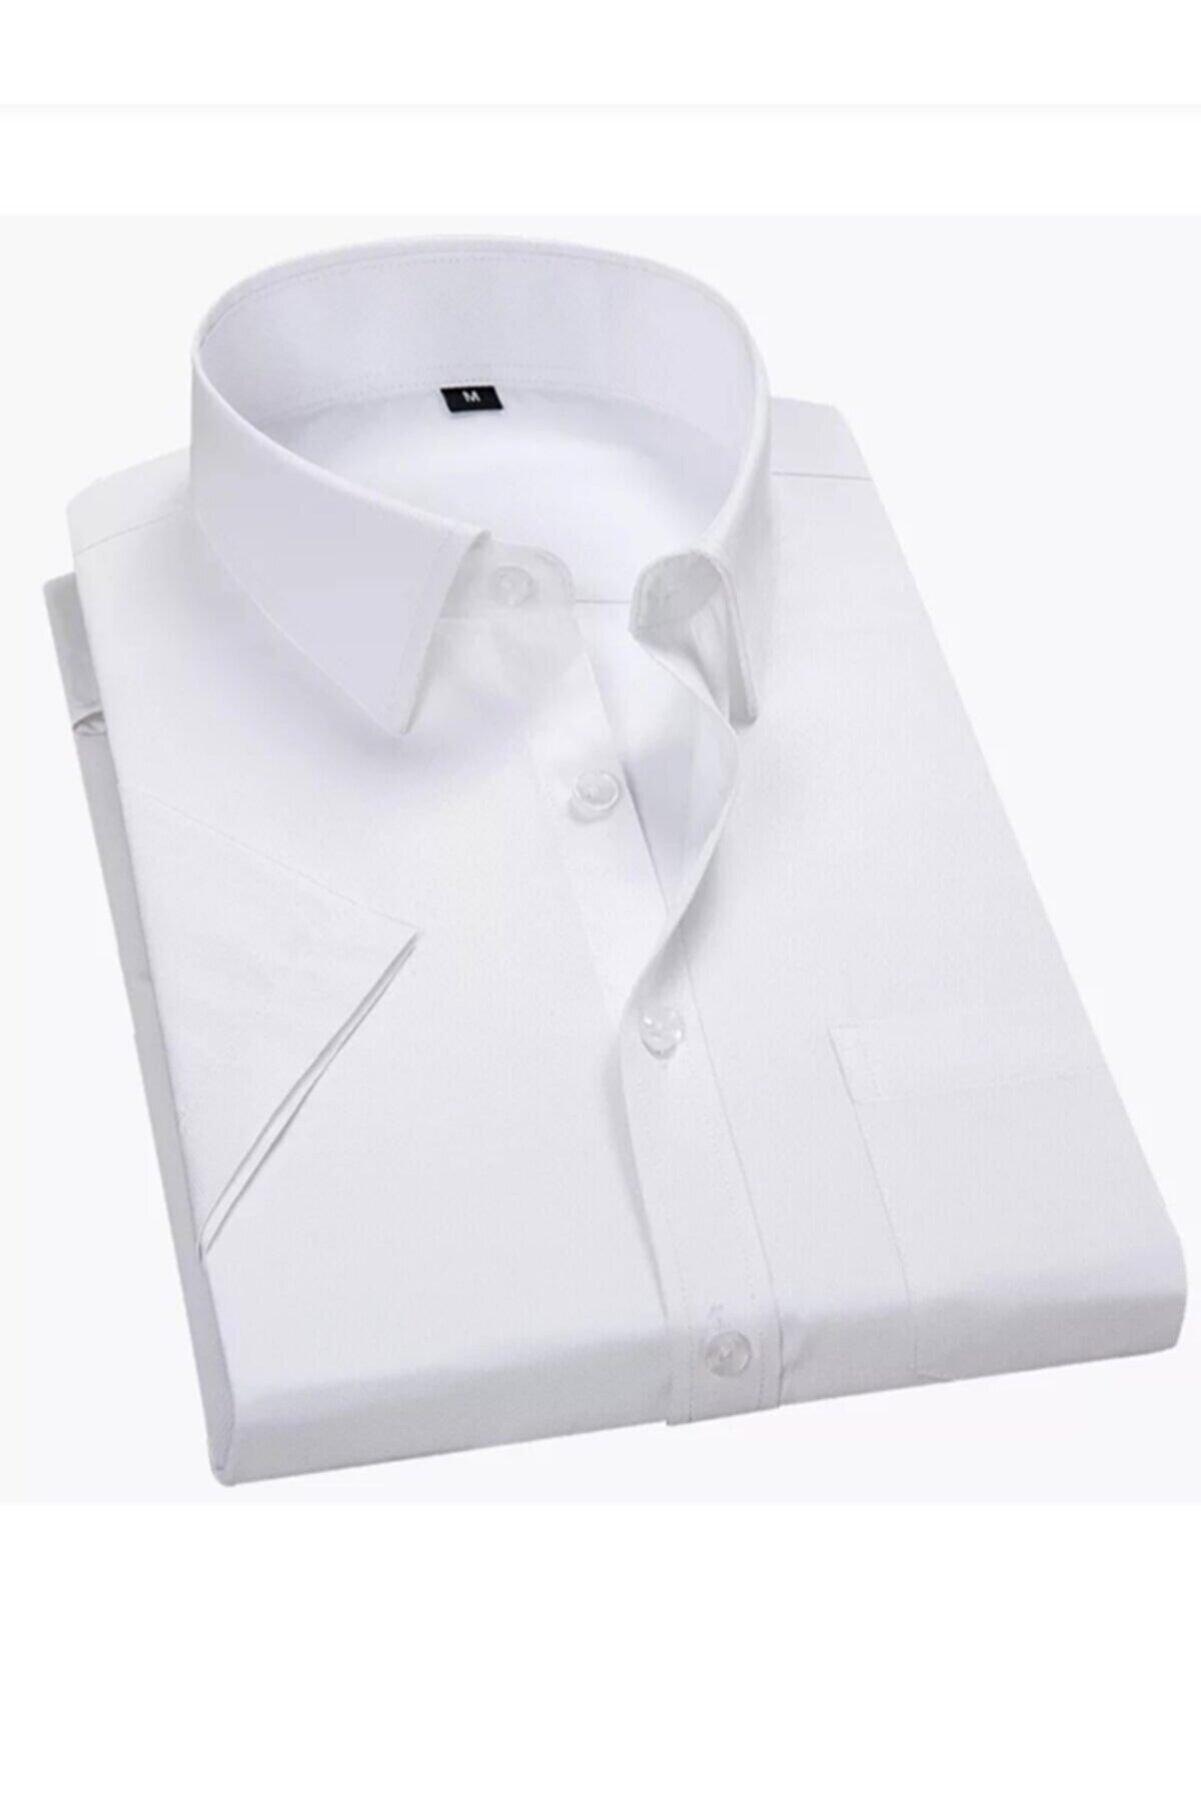 MaviMoure Erkek Beyaz Klasik Kesim Kısa Kol Gömlek